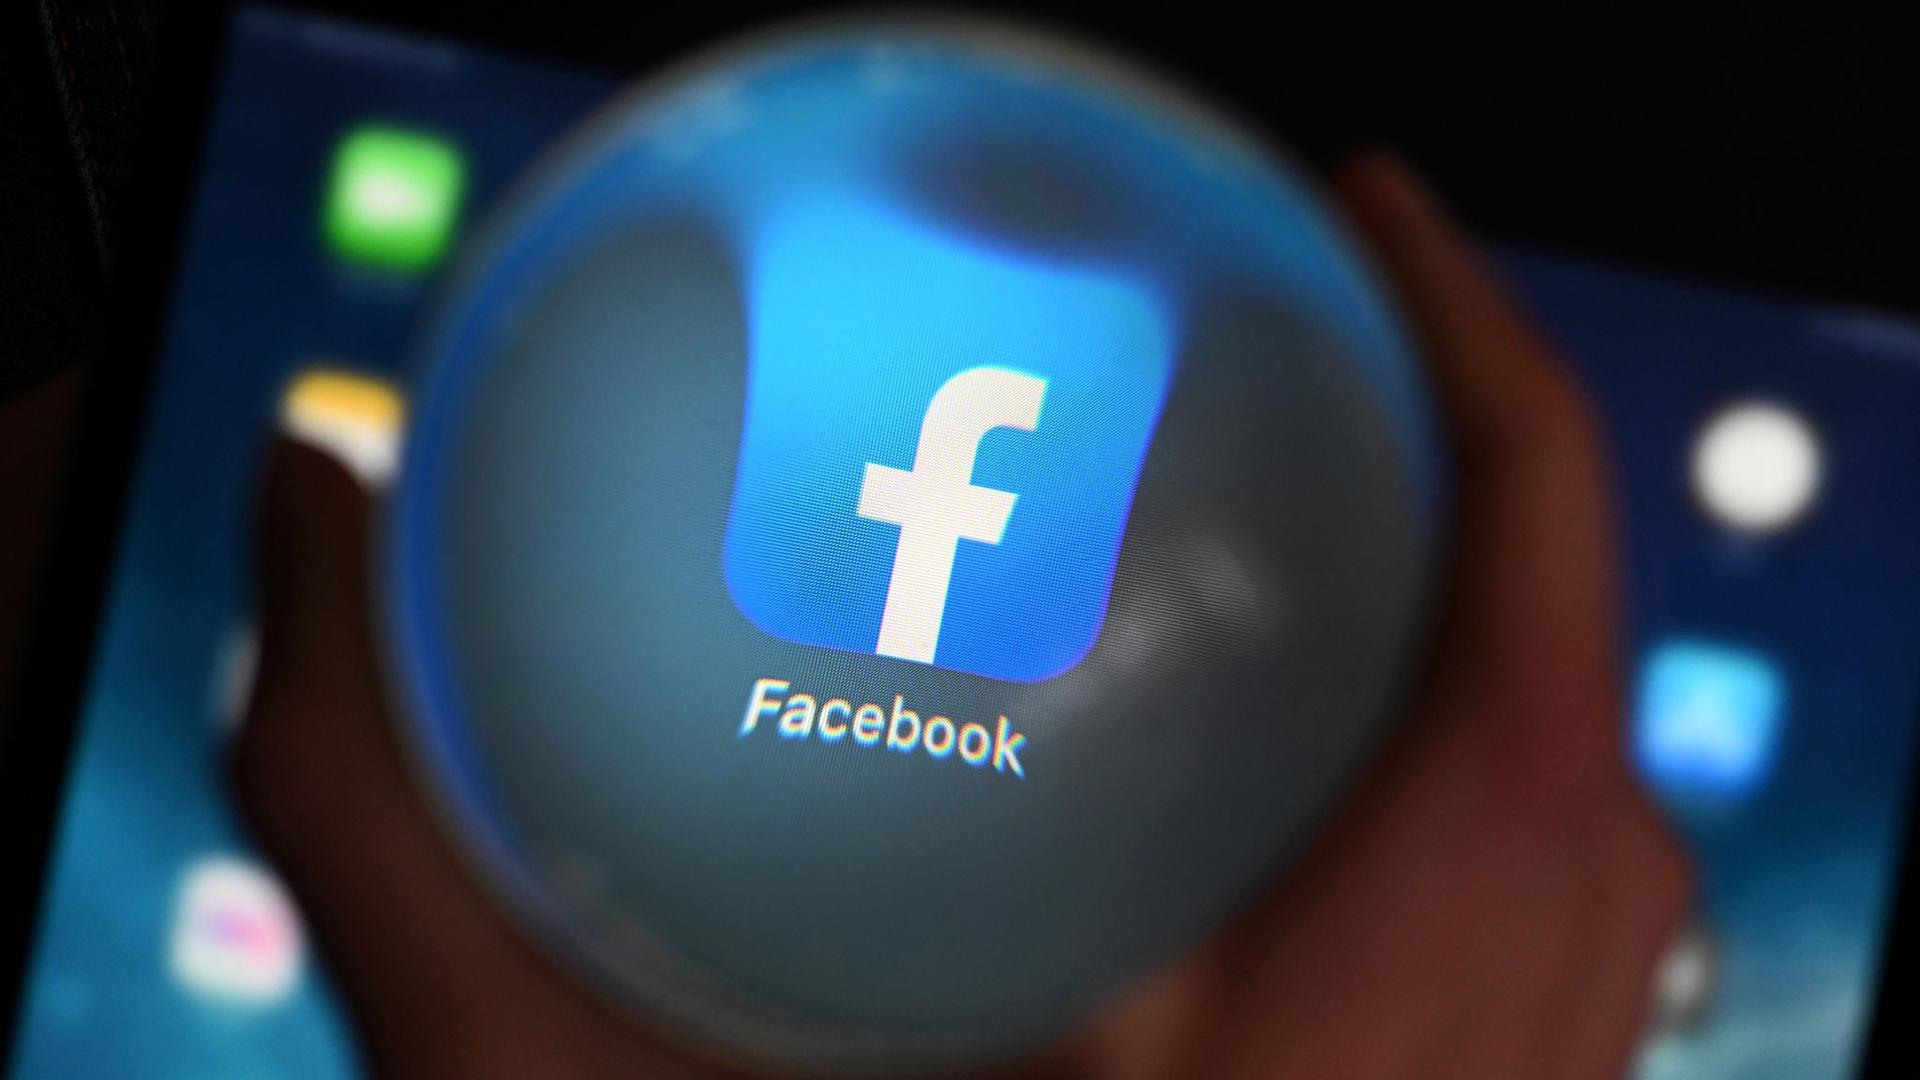 """Facebook benutzt das Programm Photo-DNA in all seinen Apps """"um bekanntes Kindesmissbrauchsmaterial zu finden und es schnell zu löschen""""."""